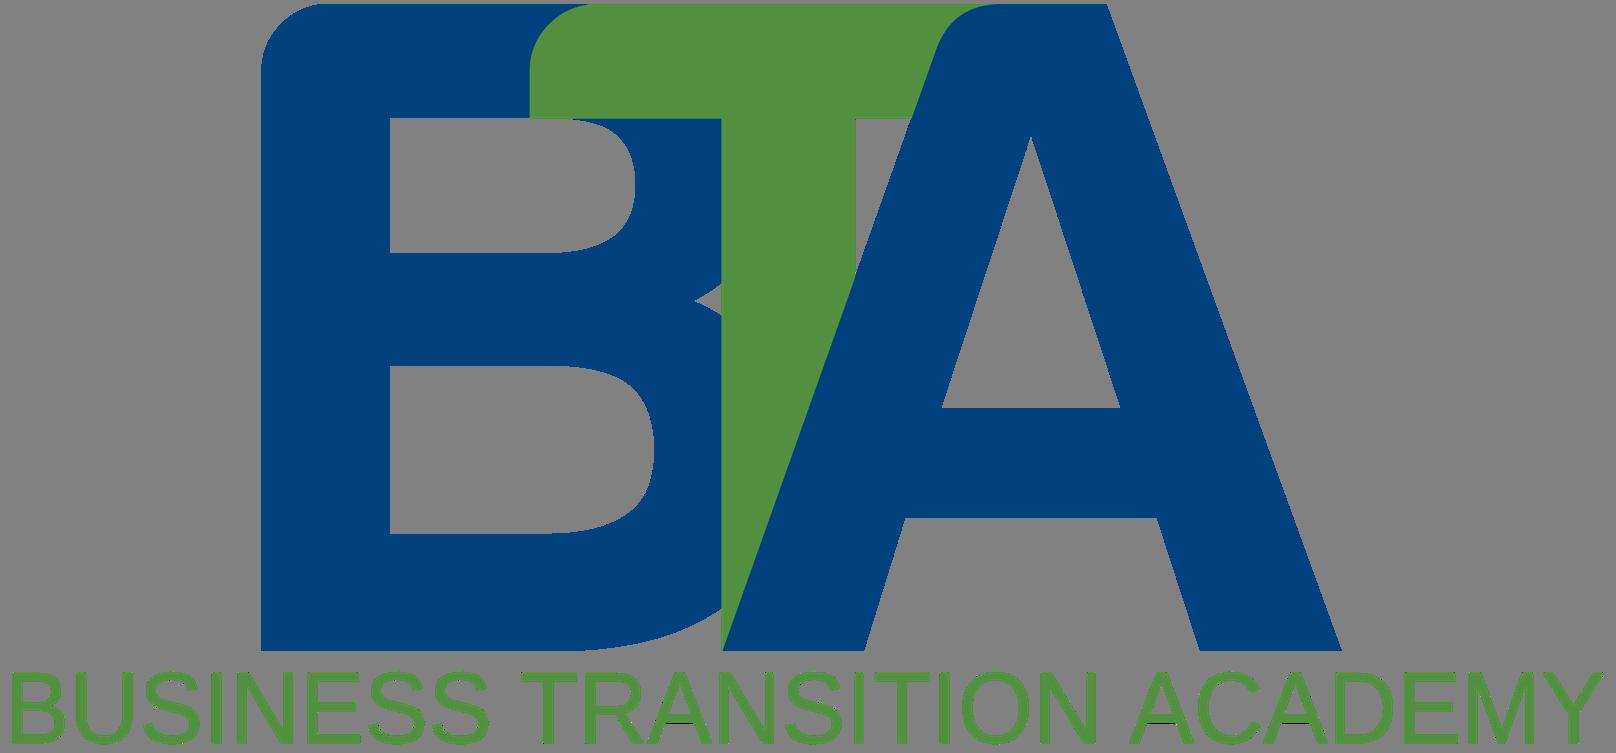 www.BTAplans.com